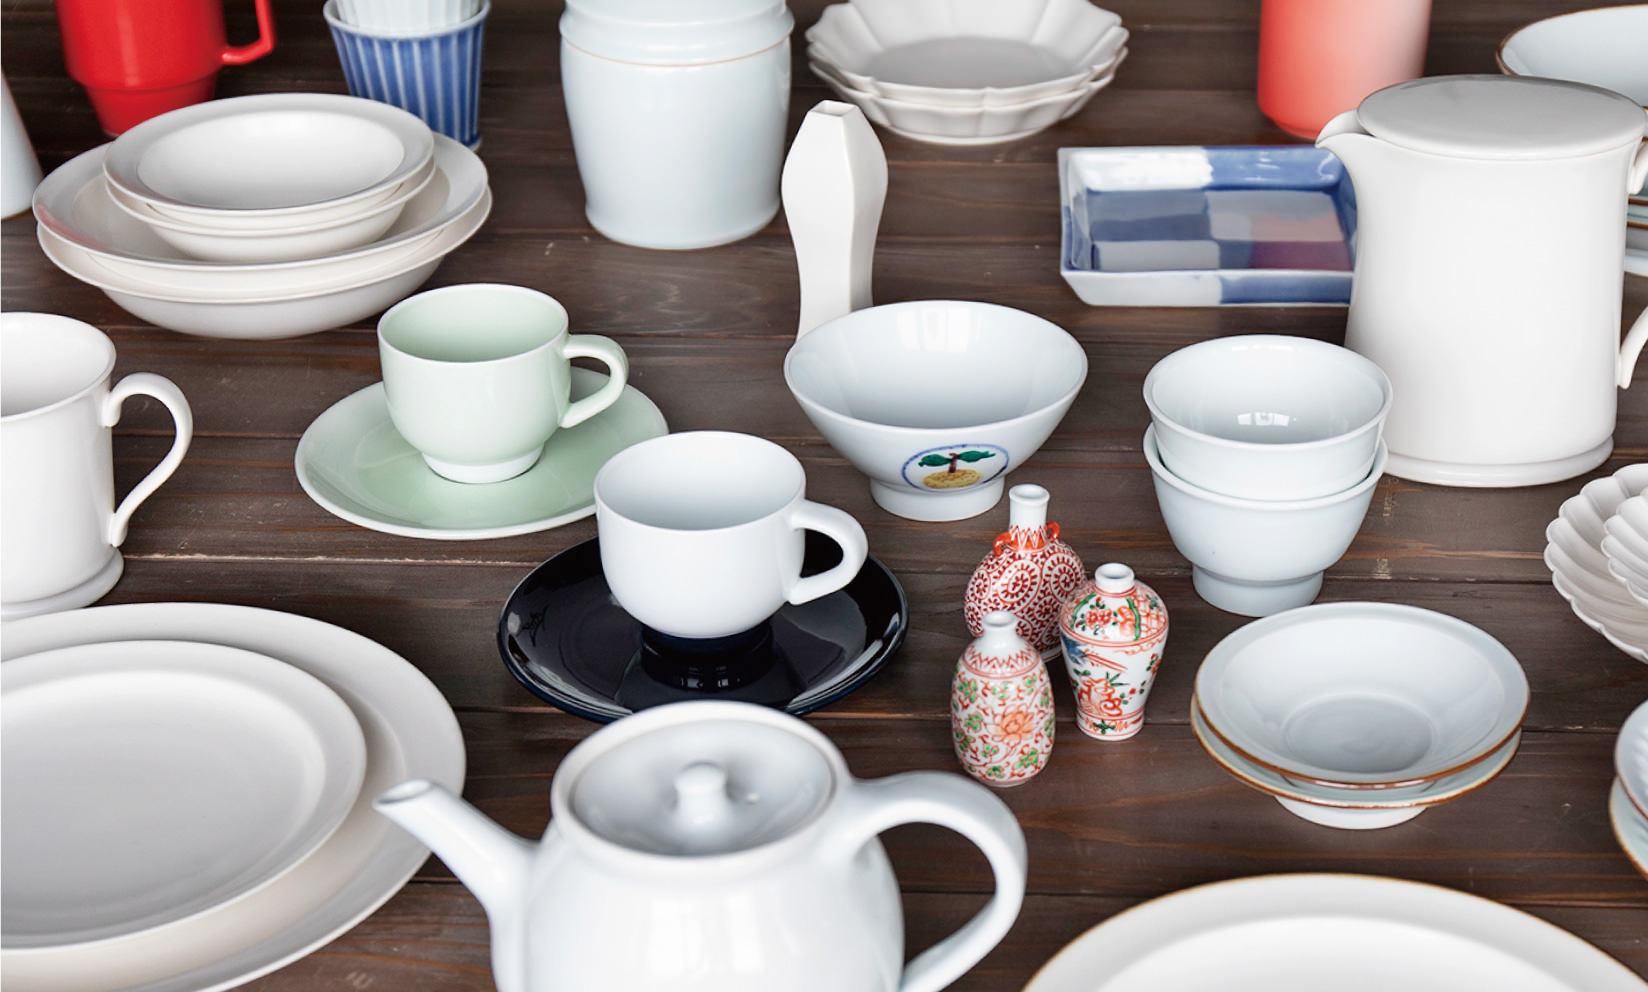 プレート、カップ、ピッチャー、花器、茶碗などなど / さまざまな形に、「白」だけではない磁器いろいろ